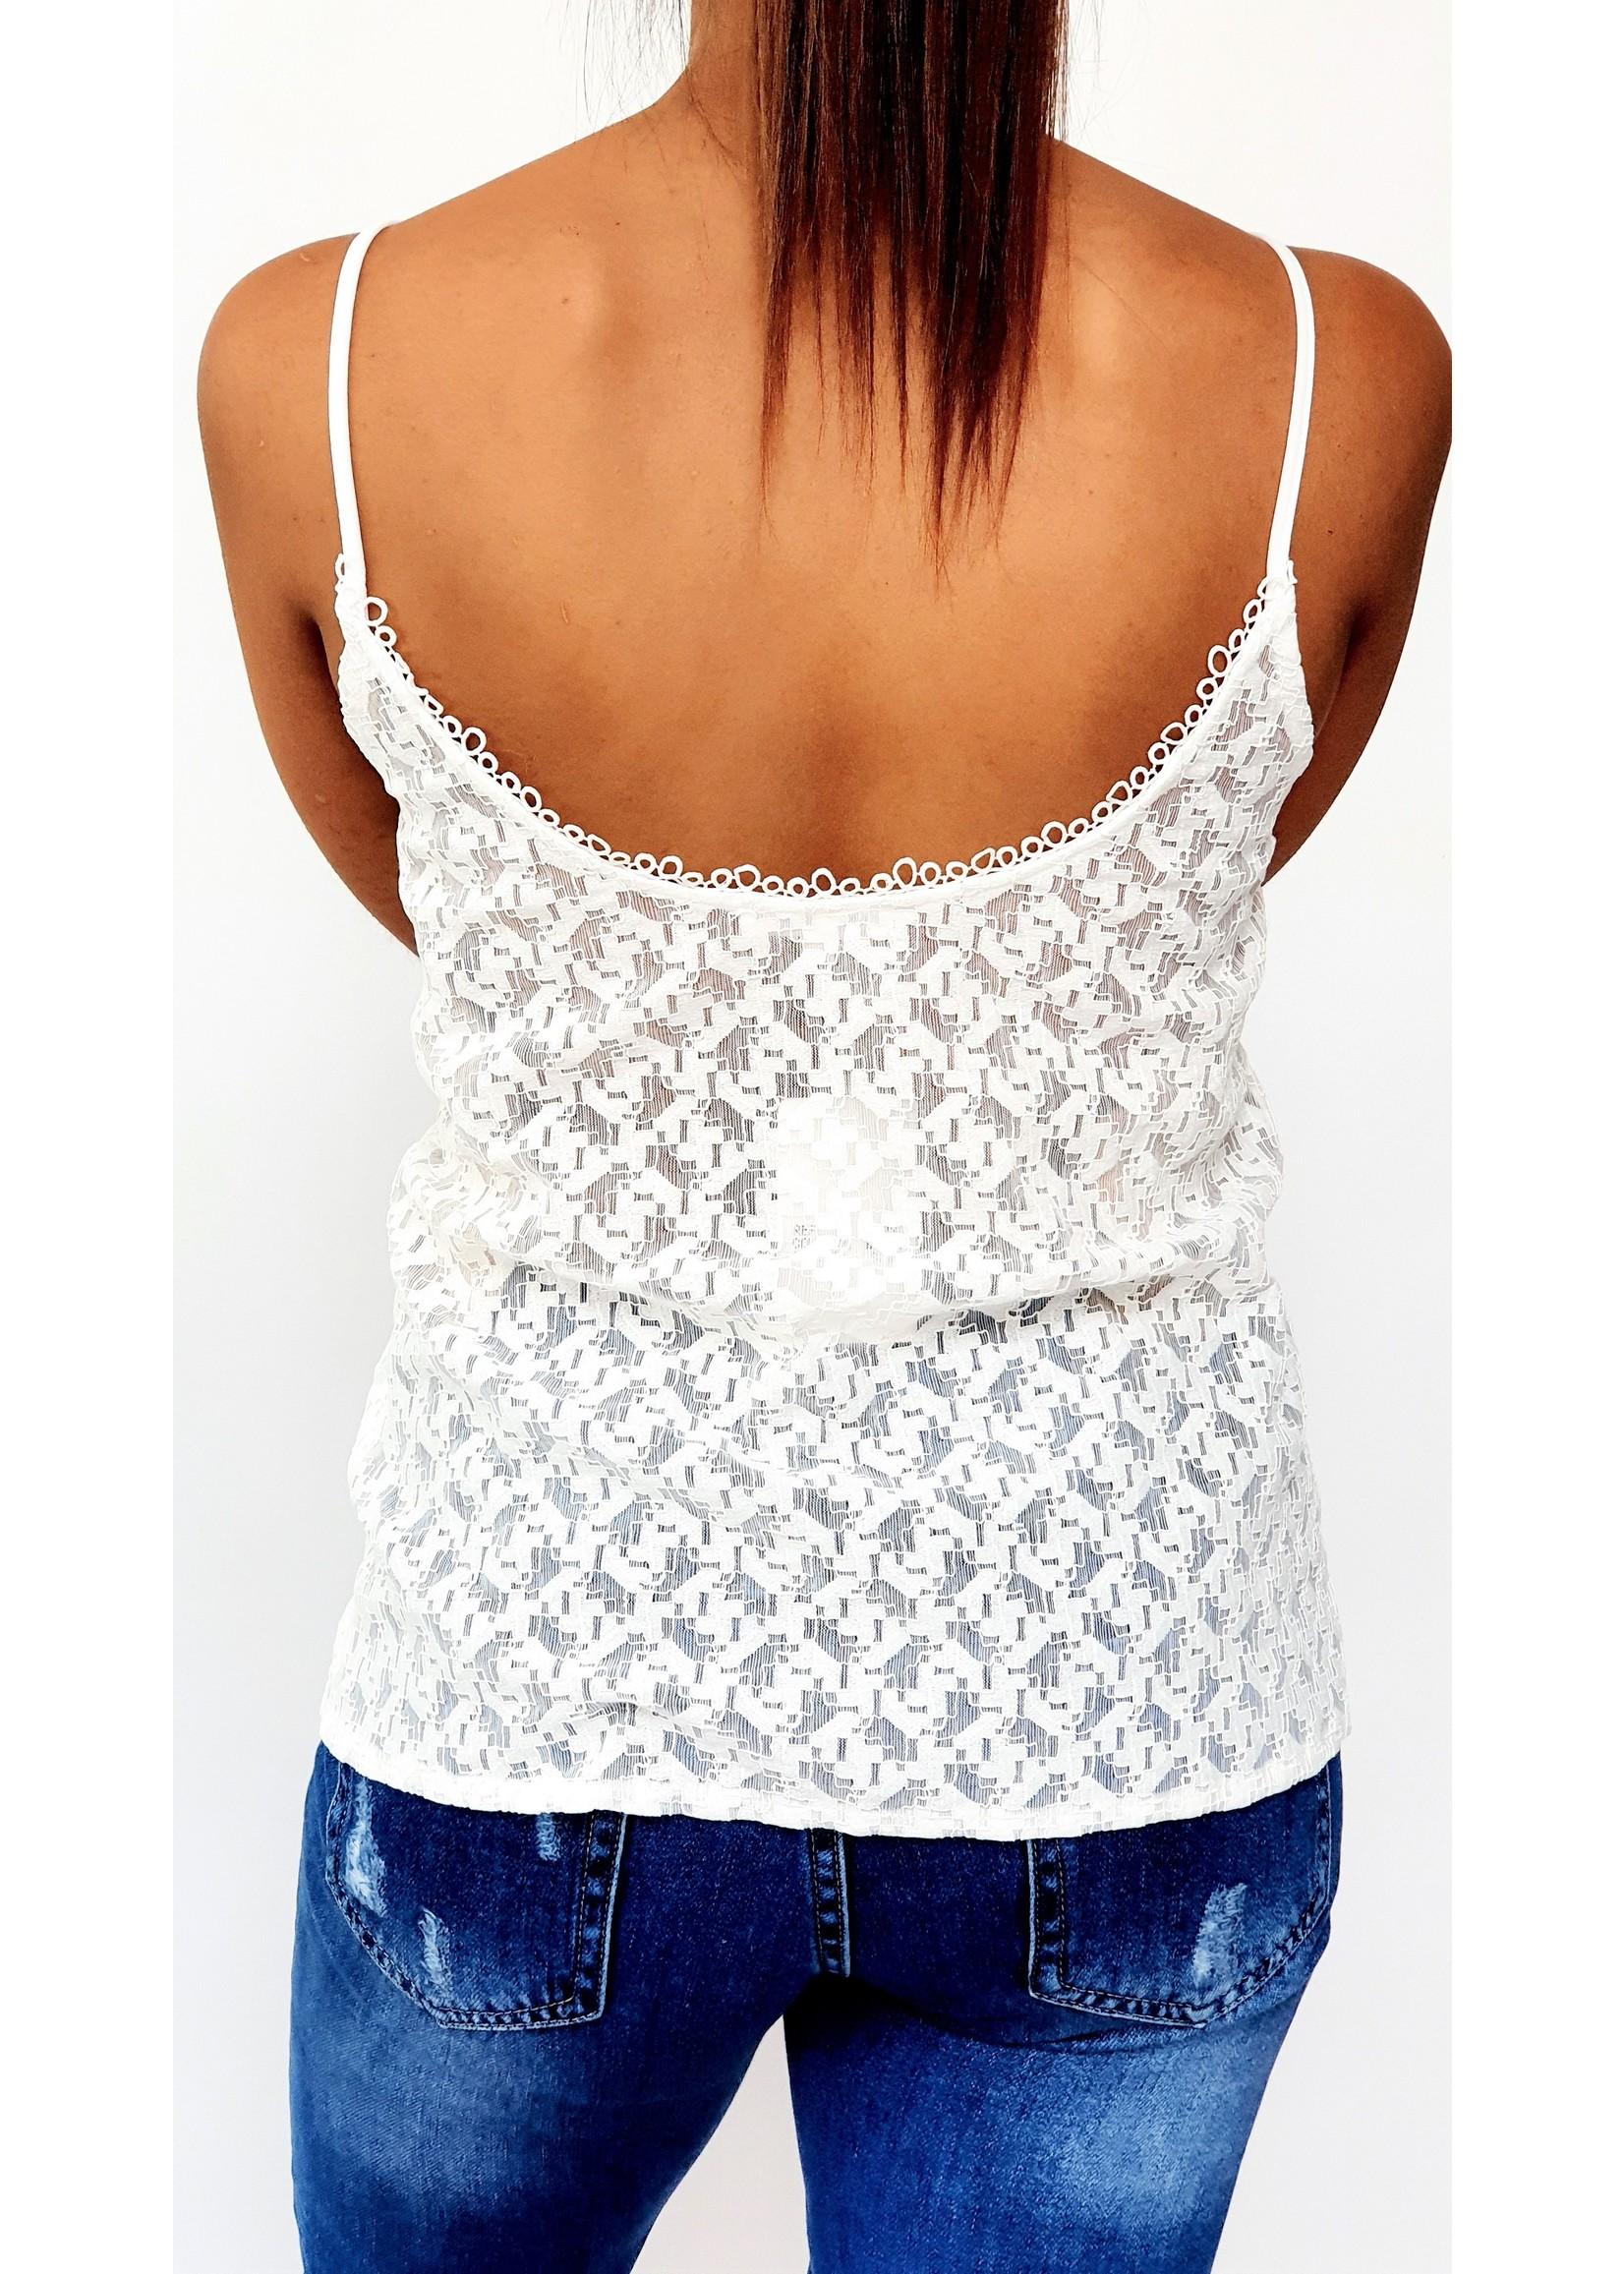 Romantic white top